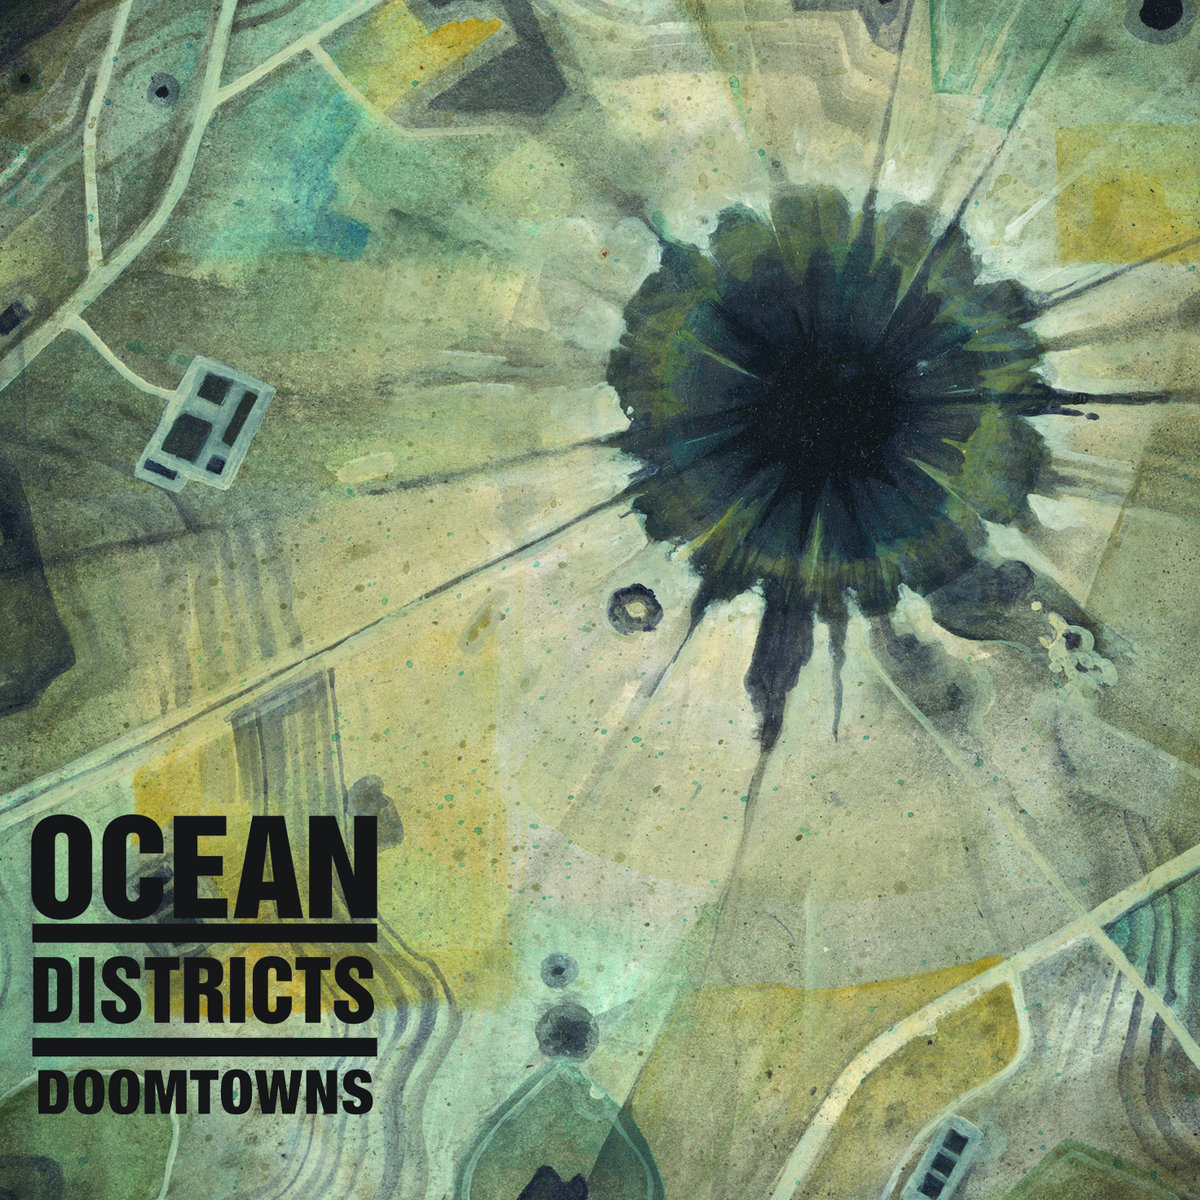 OCEAN DISTRICTSDoomtowns - 12 October 2018Post-rock, Post-metal, Prog rock